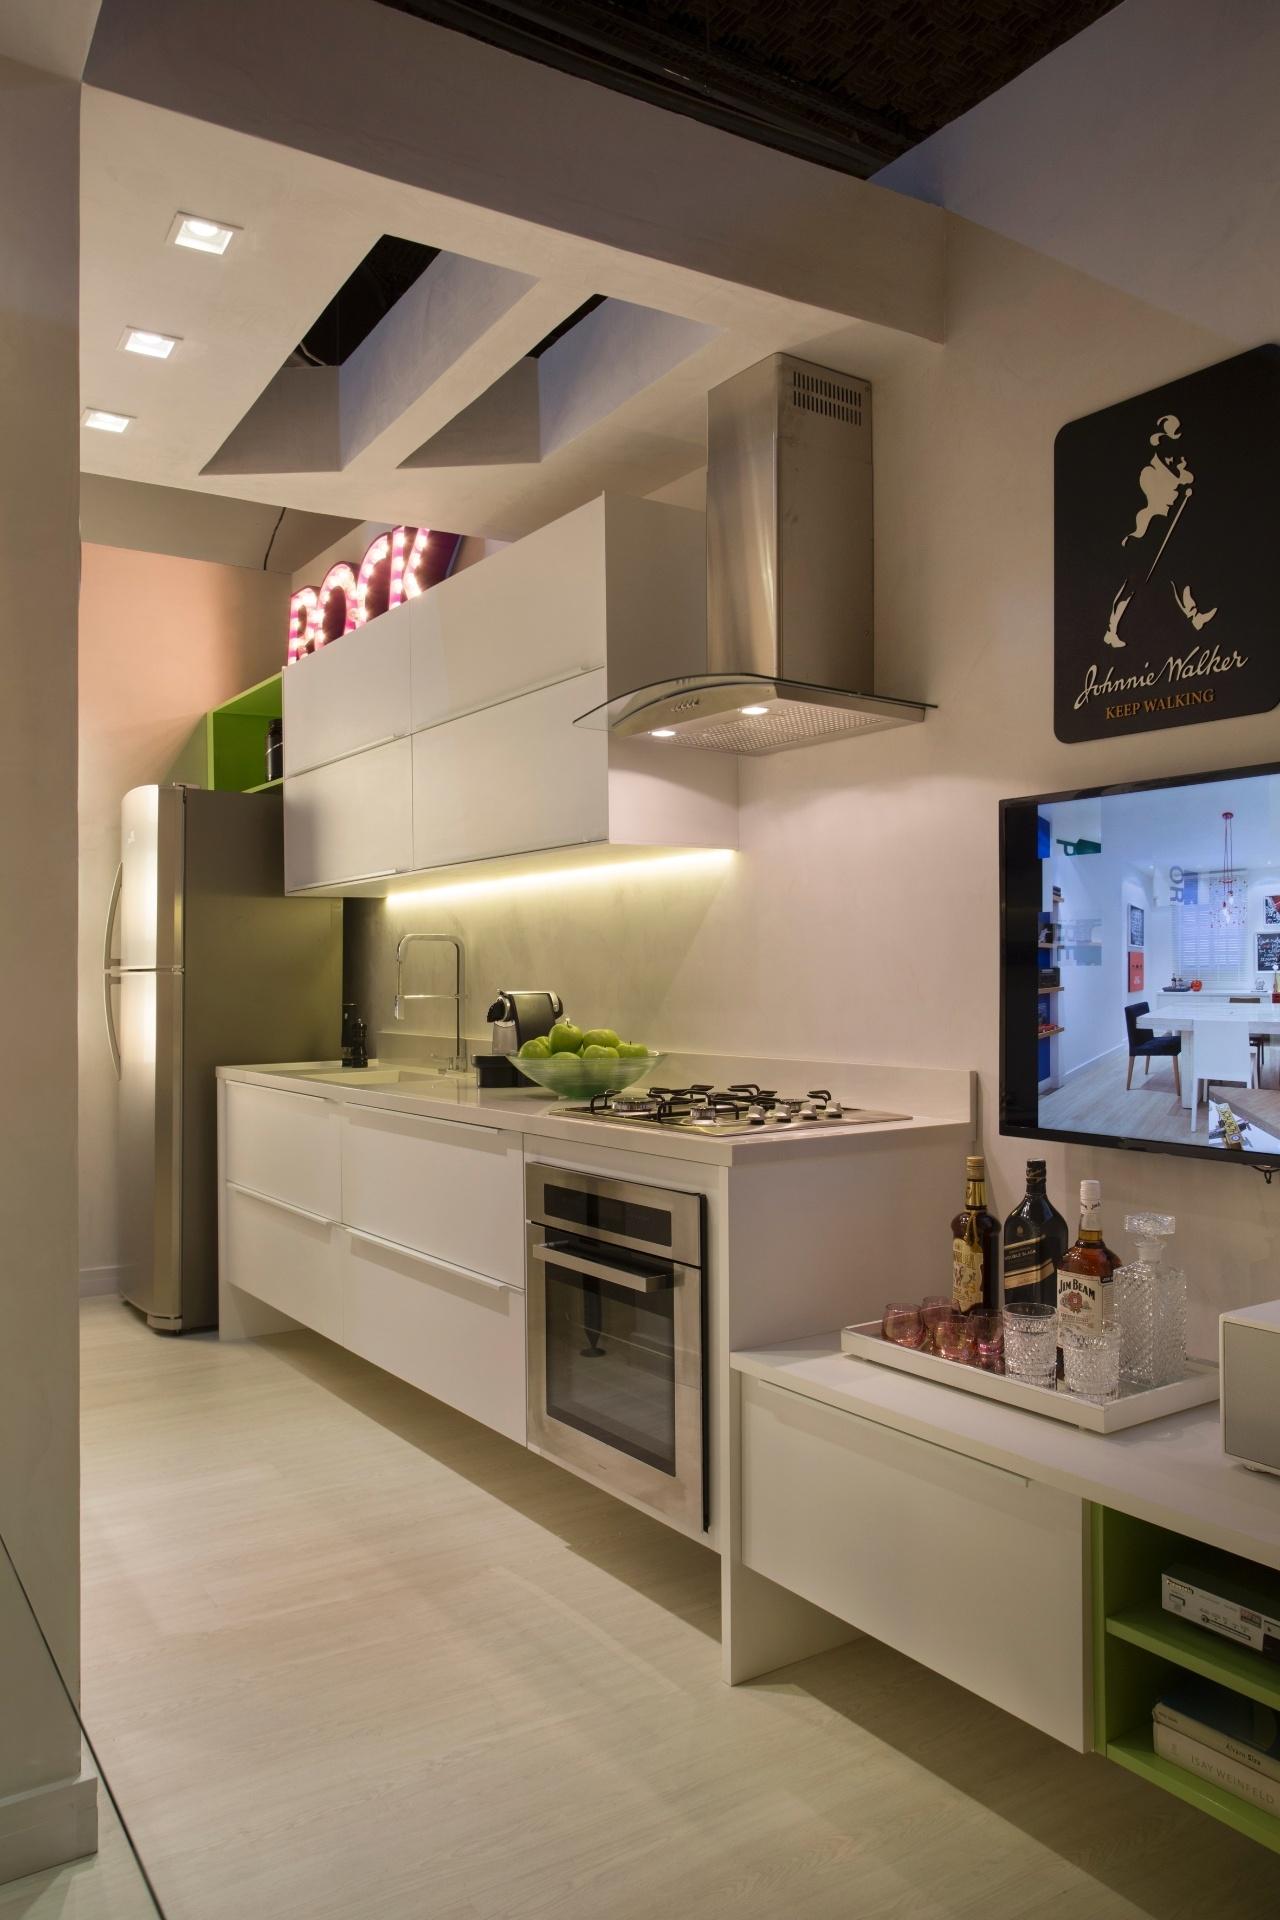 Veja ideias bacanas para construir ou reformar a cozinha de casa BOL  #345597 1280 1920